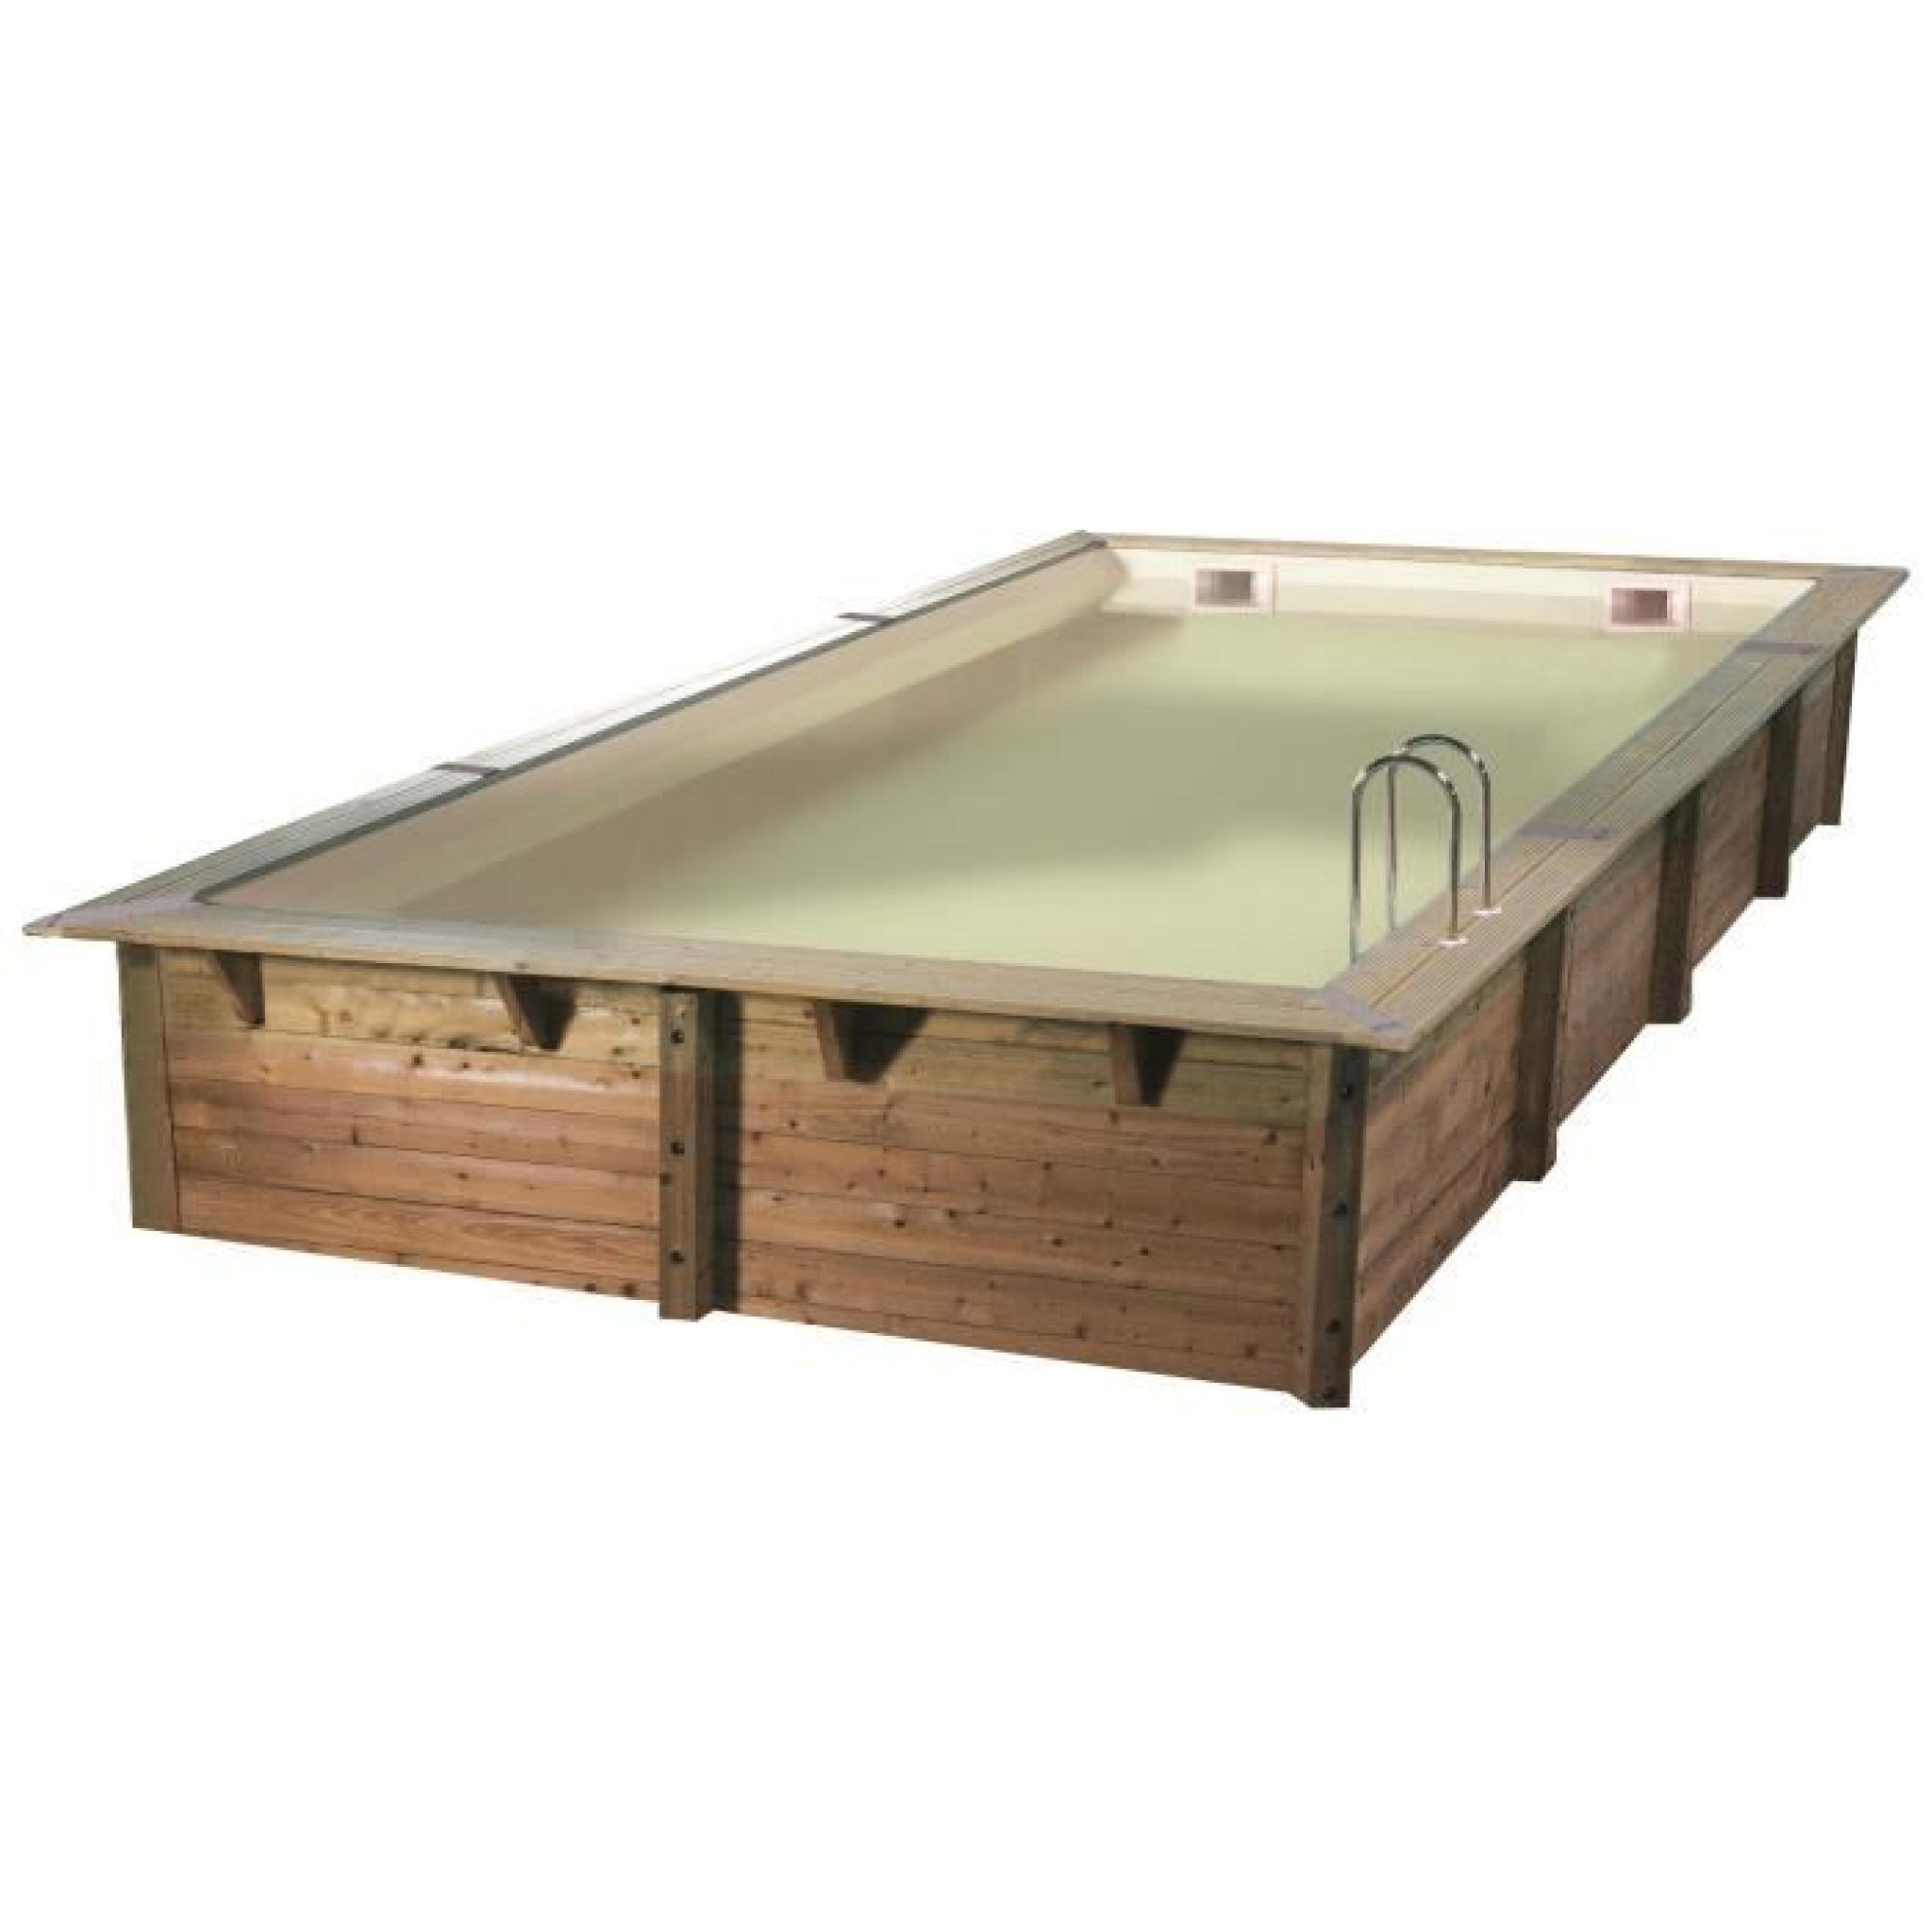 ubbink piscine octogonale en bois lin a 350x650xh140 cm